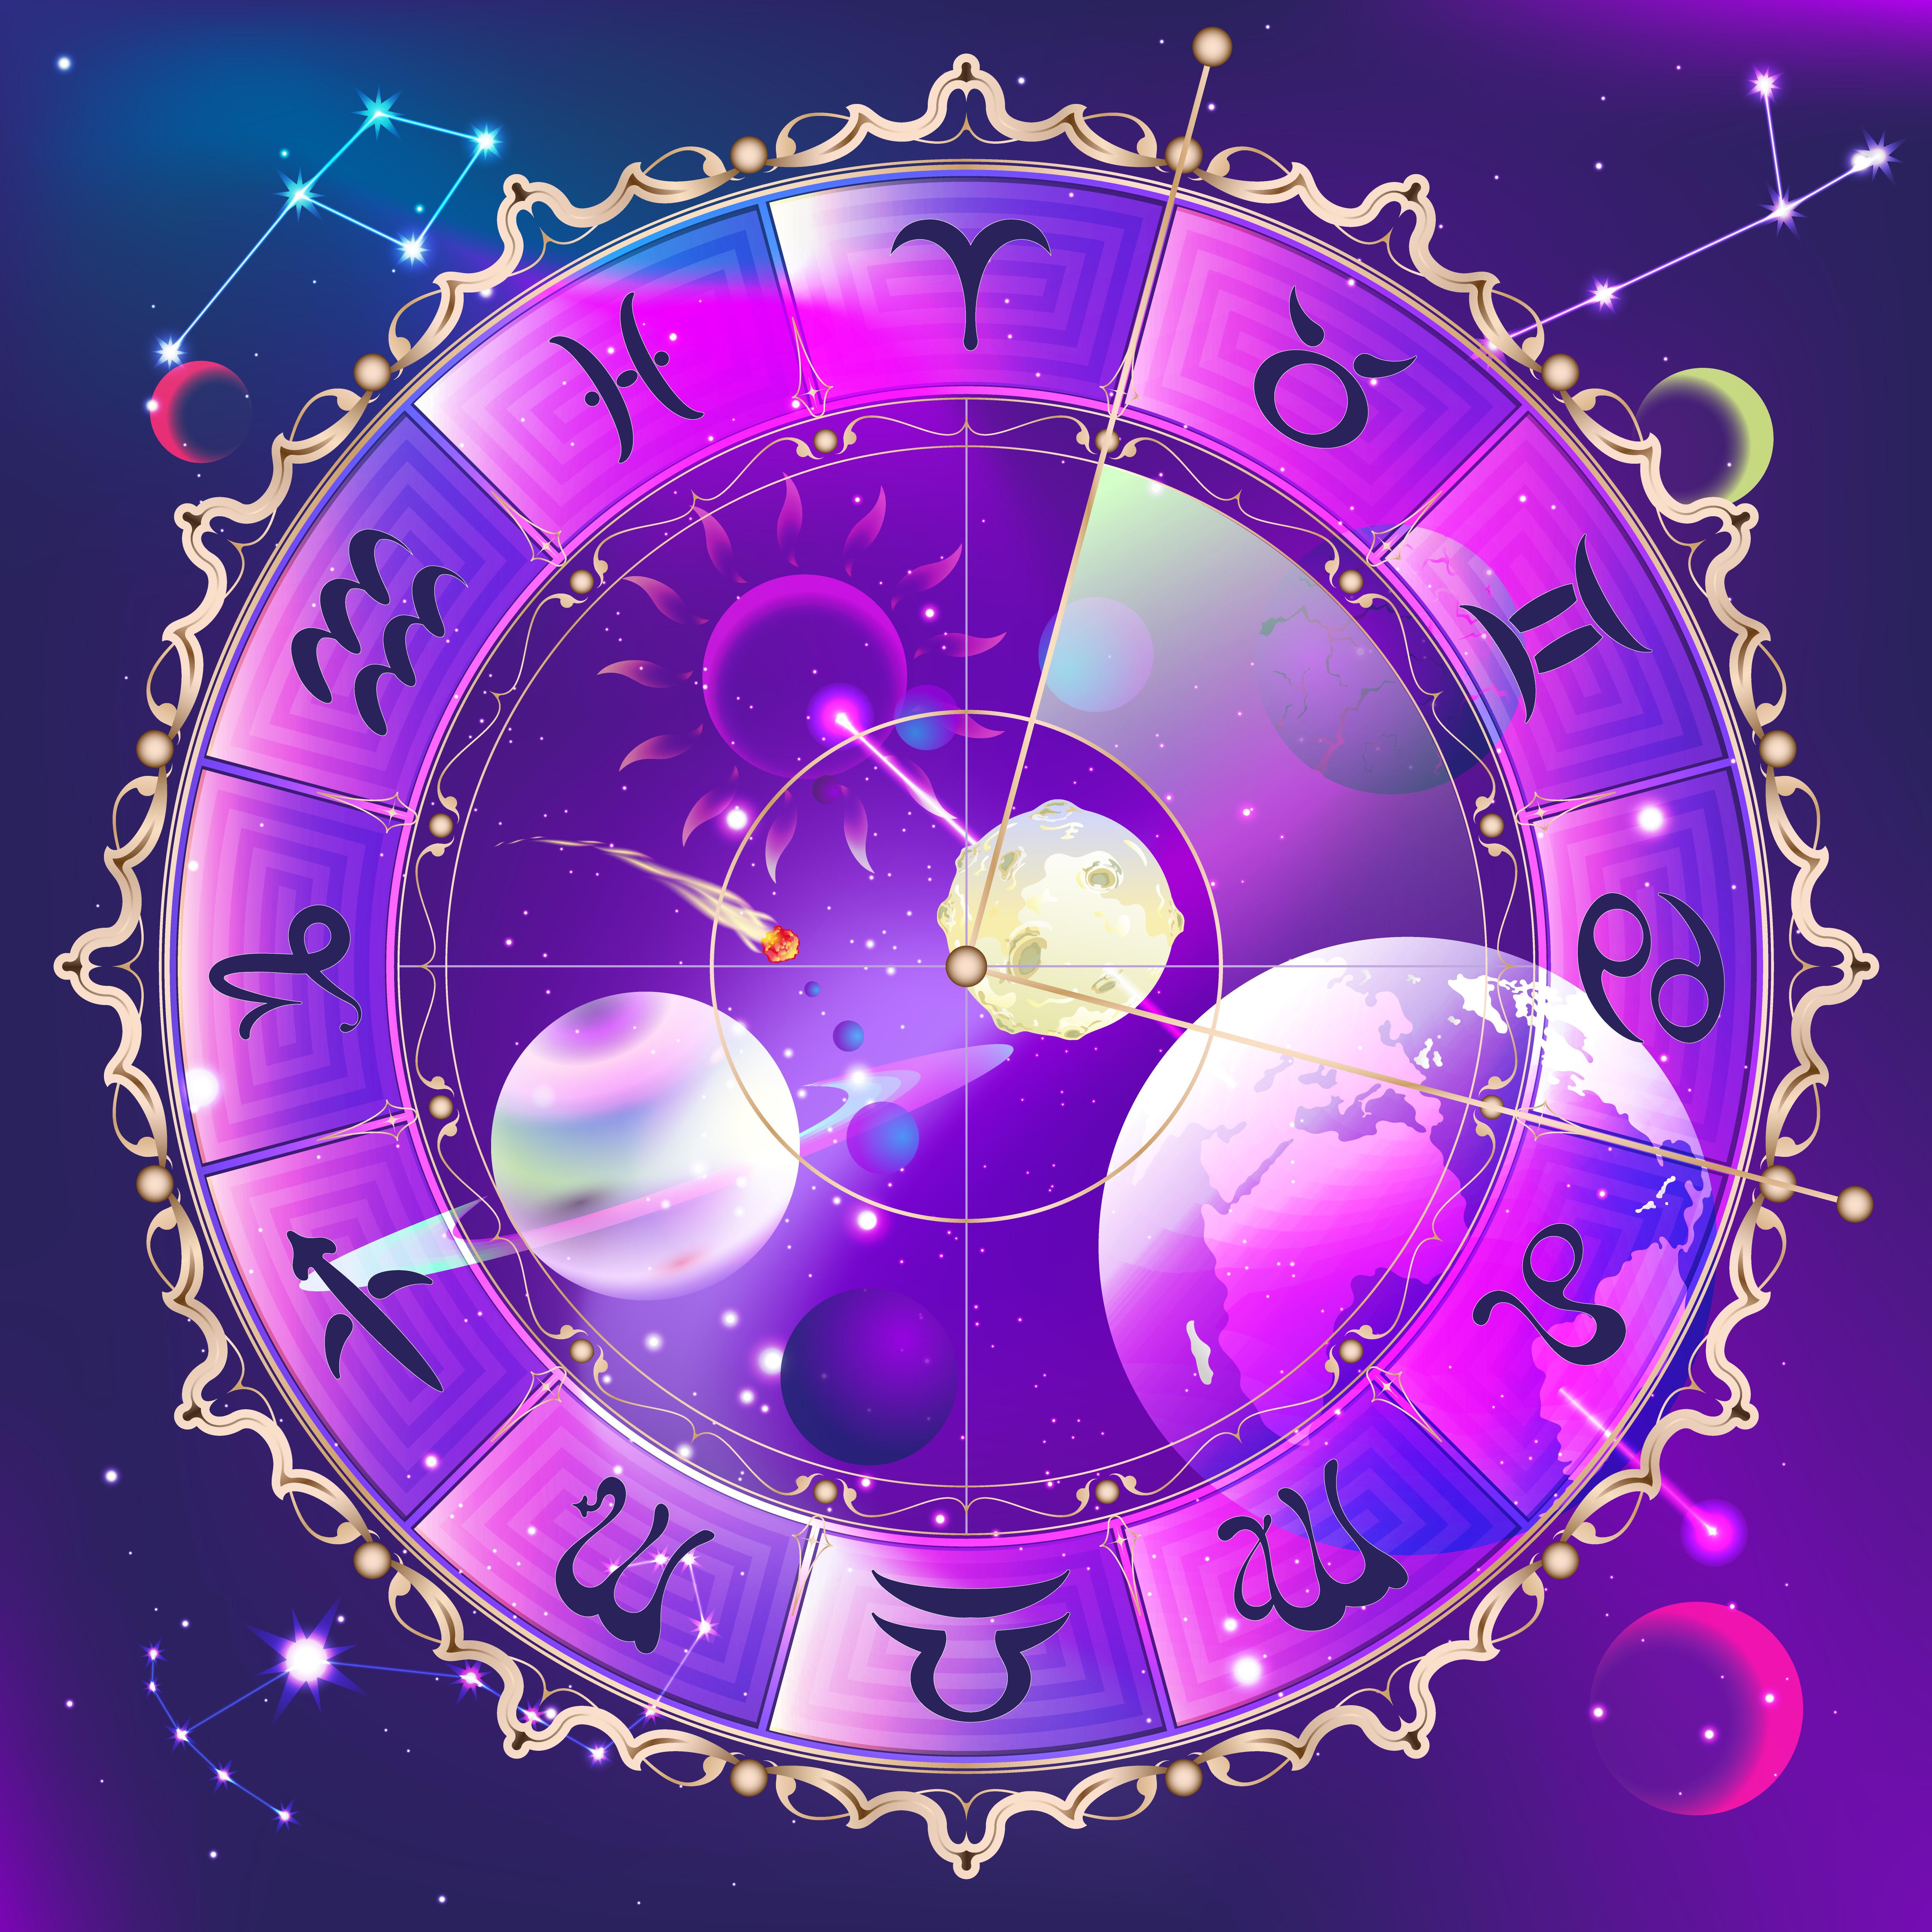 Horoscop zilnic, 24 octombrie 2015. Pestii au parte de o surpriza in relatia de cuplu, iar Sagetatorii se relaxeaza cu amicii